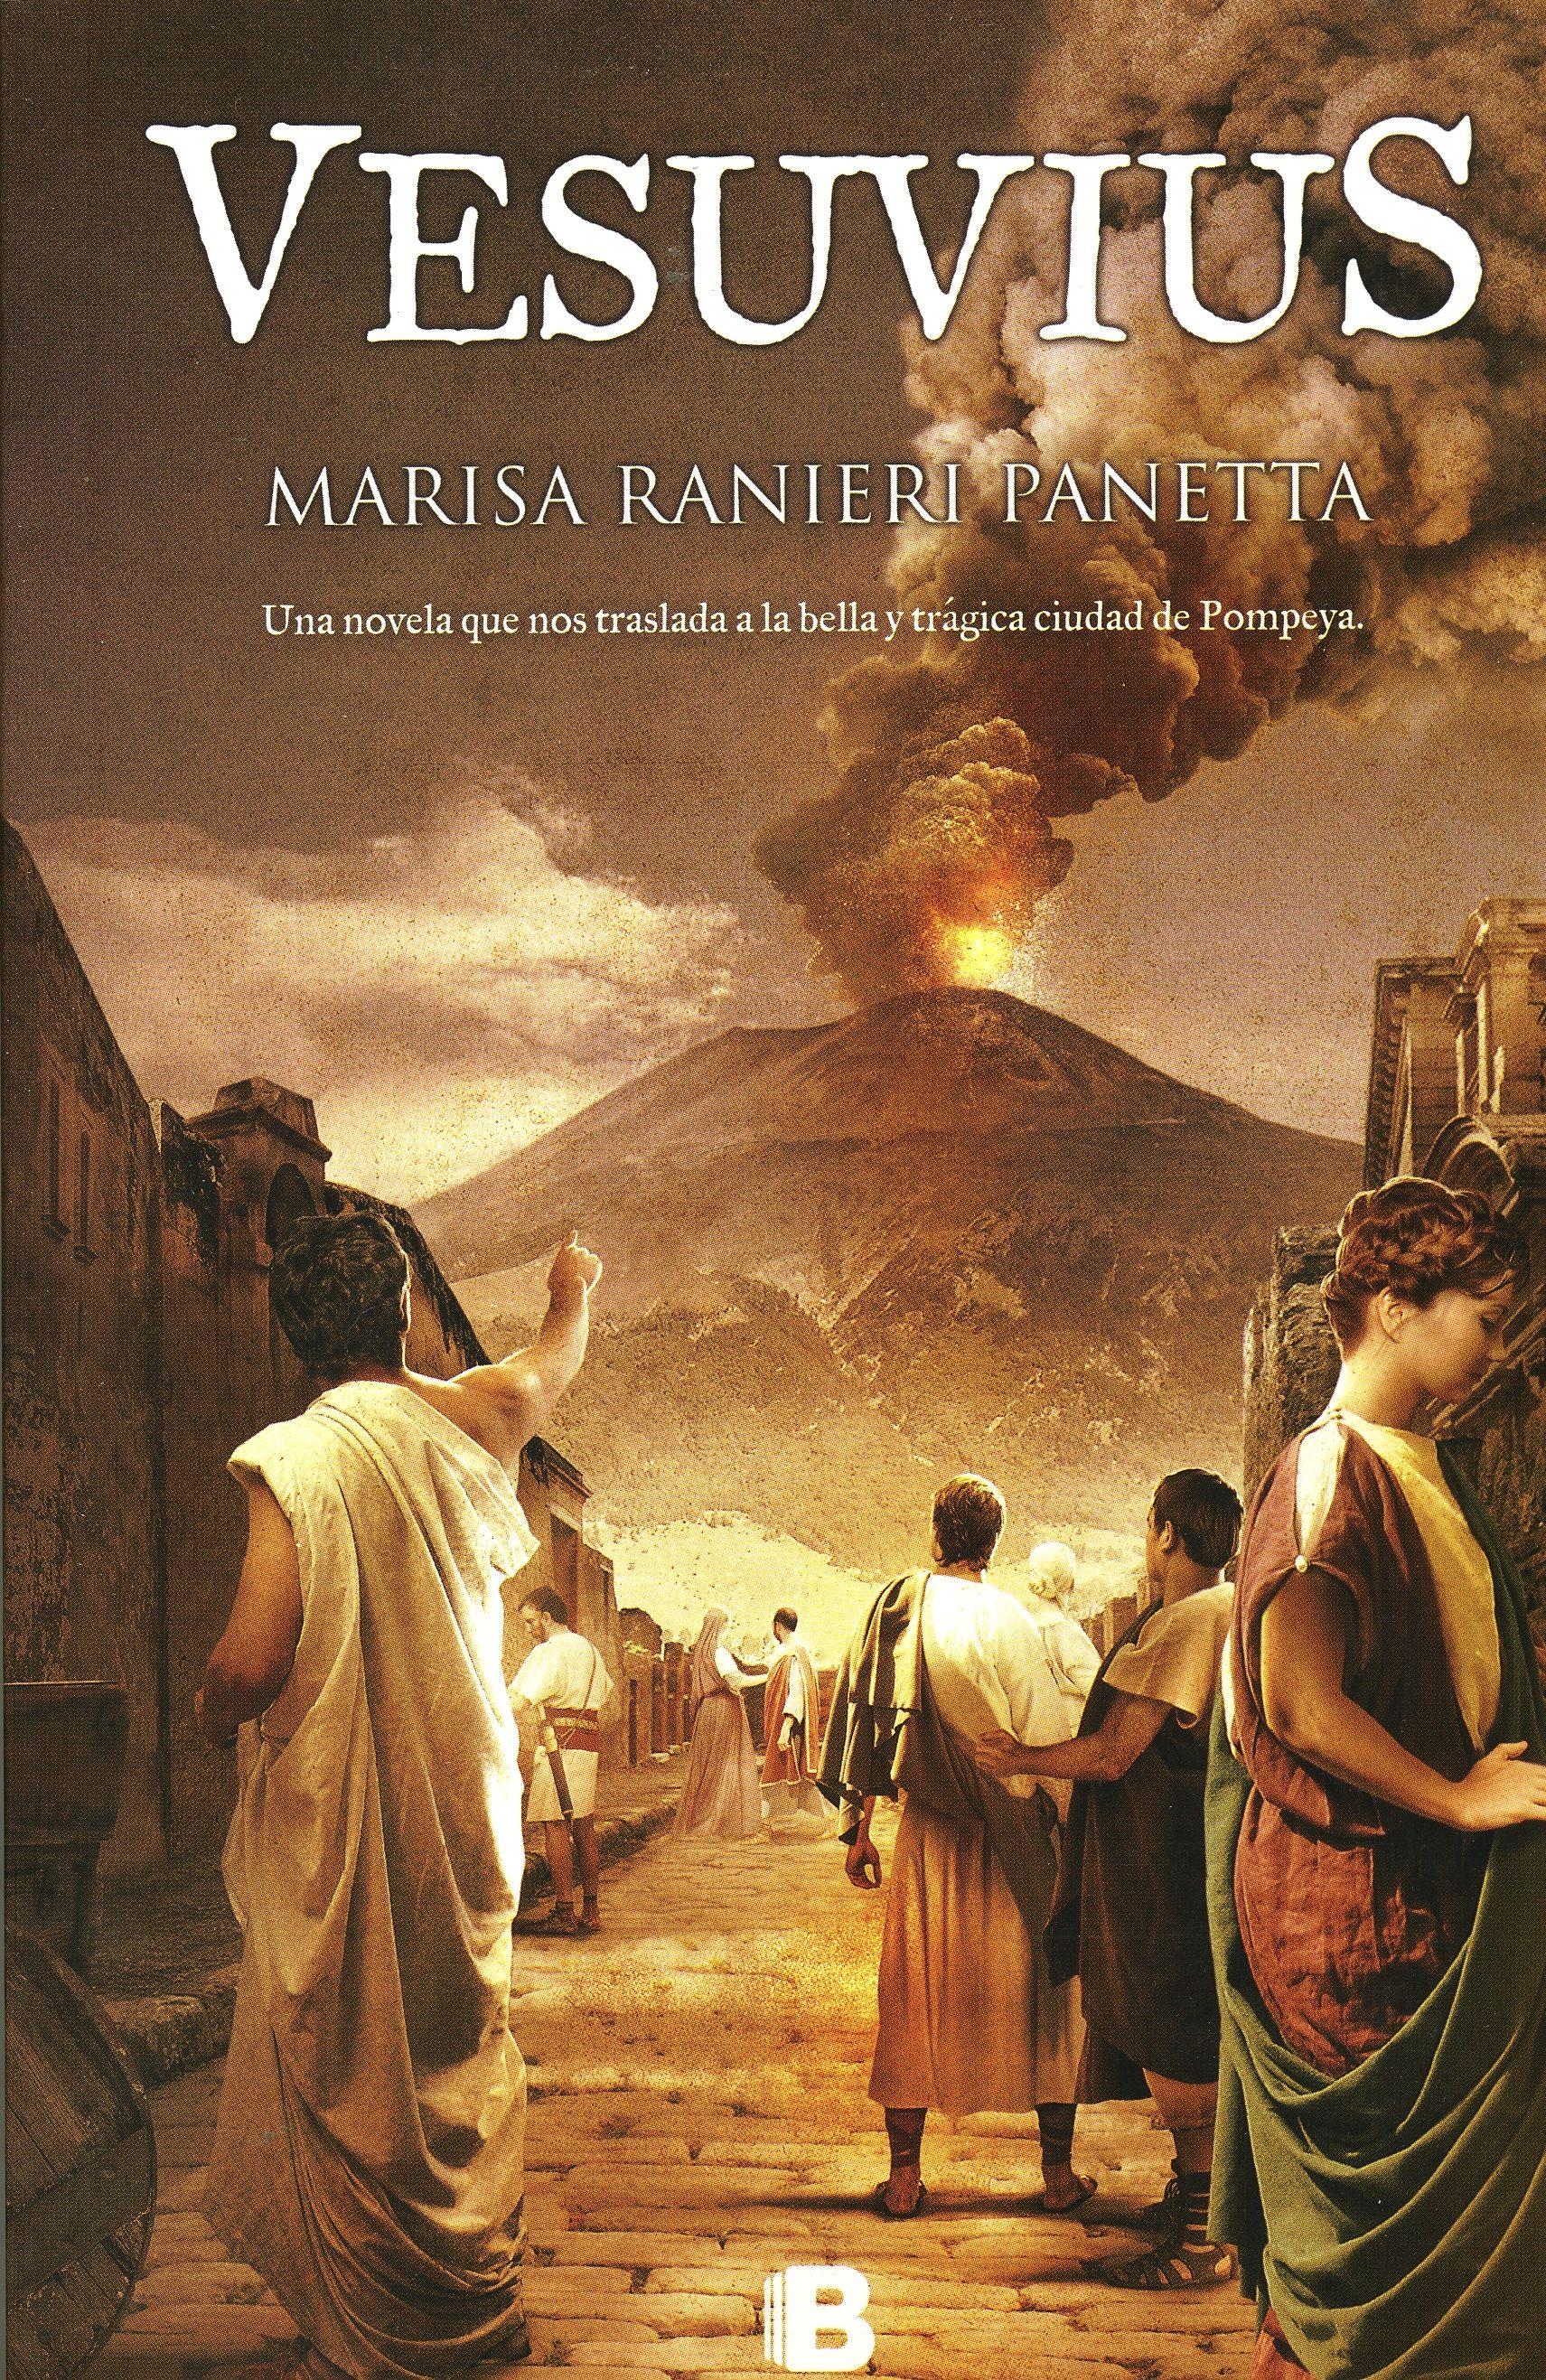 Vesuvius nos traslada a una época en la que la vida cotidiana se cruza con la alta política y las pasiones se tiñen de ambición desmedida. Una novela con la que recorremos las calles de Pompeya, entramos en los edificios públicos, oímos a las personas que acuden a las termas, que rezan a Isis o discuten en las basílicas. Marisa Ranieri Panetta, arqueóloga, ensayista y periodista, ganadora del premio Media Save Art, convocado por el Iccrom-Unesco, por un reportaje sobre Pompeya.